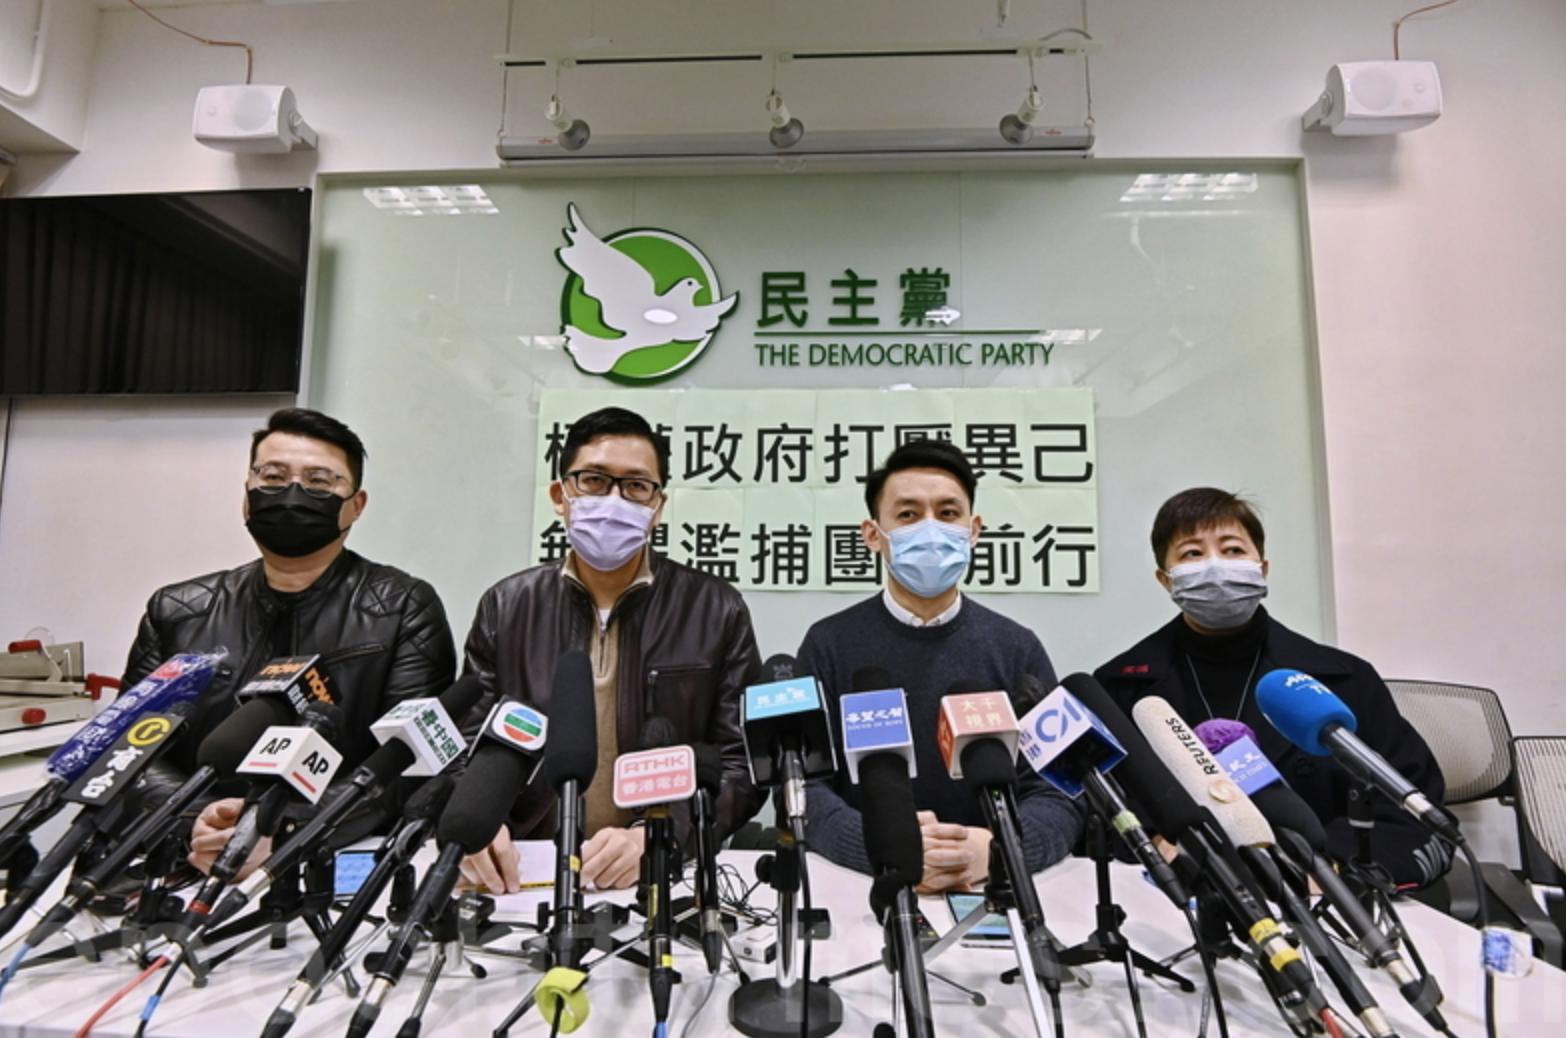 去年5月22日民主黨數十名成員前往中聯辦抗議「港版國安法」,最終16名成員被票控違反8人限聚令。(宋碧龍/大紀元)